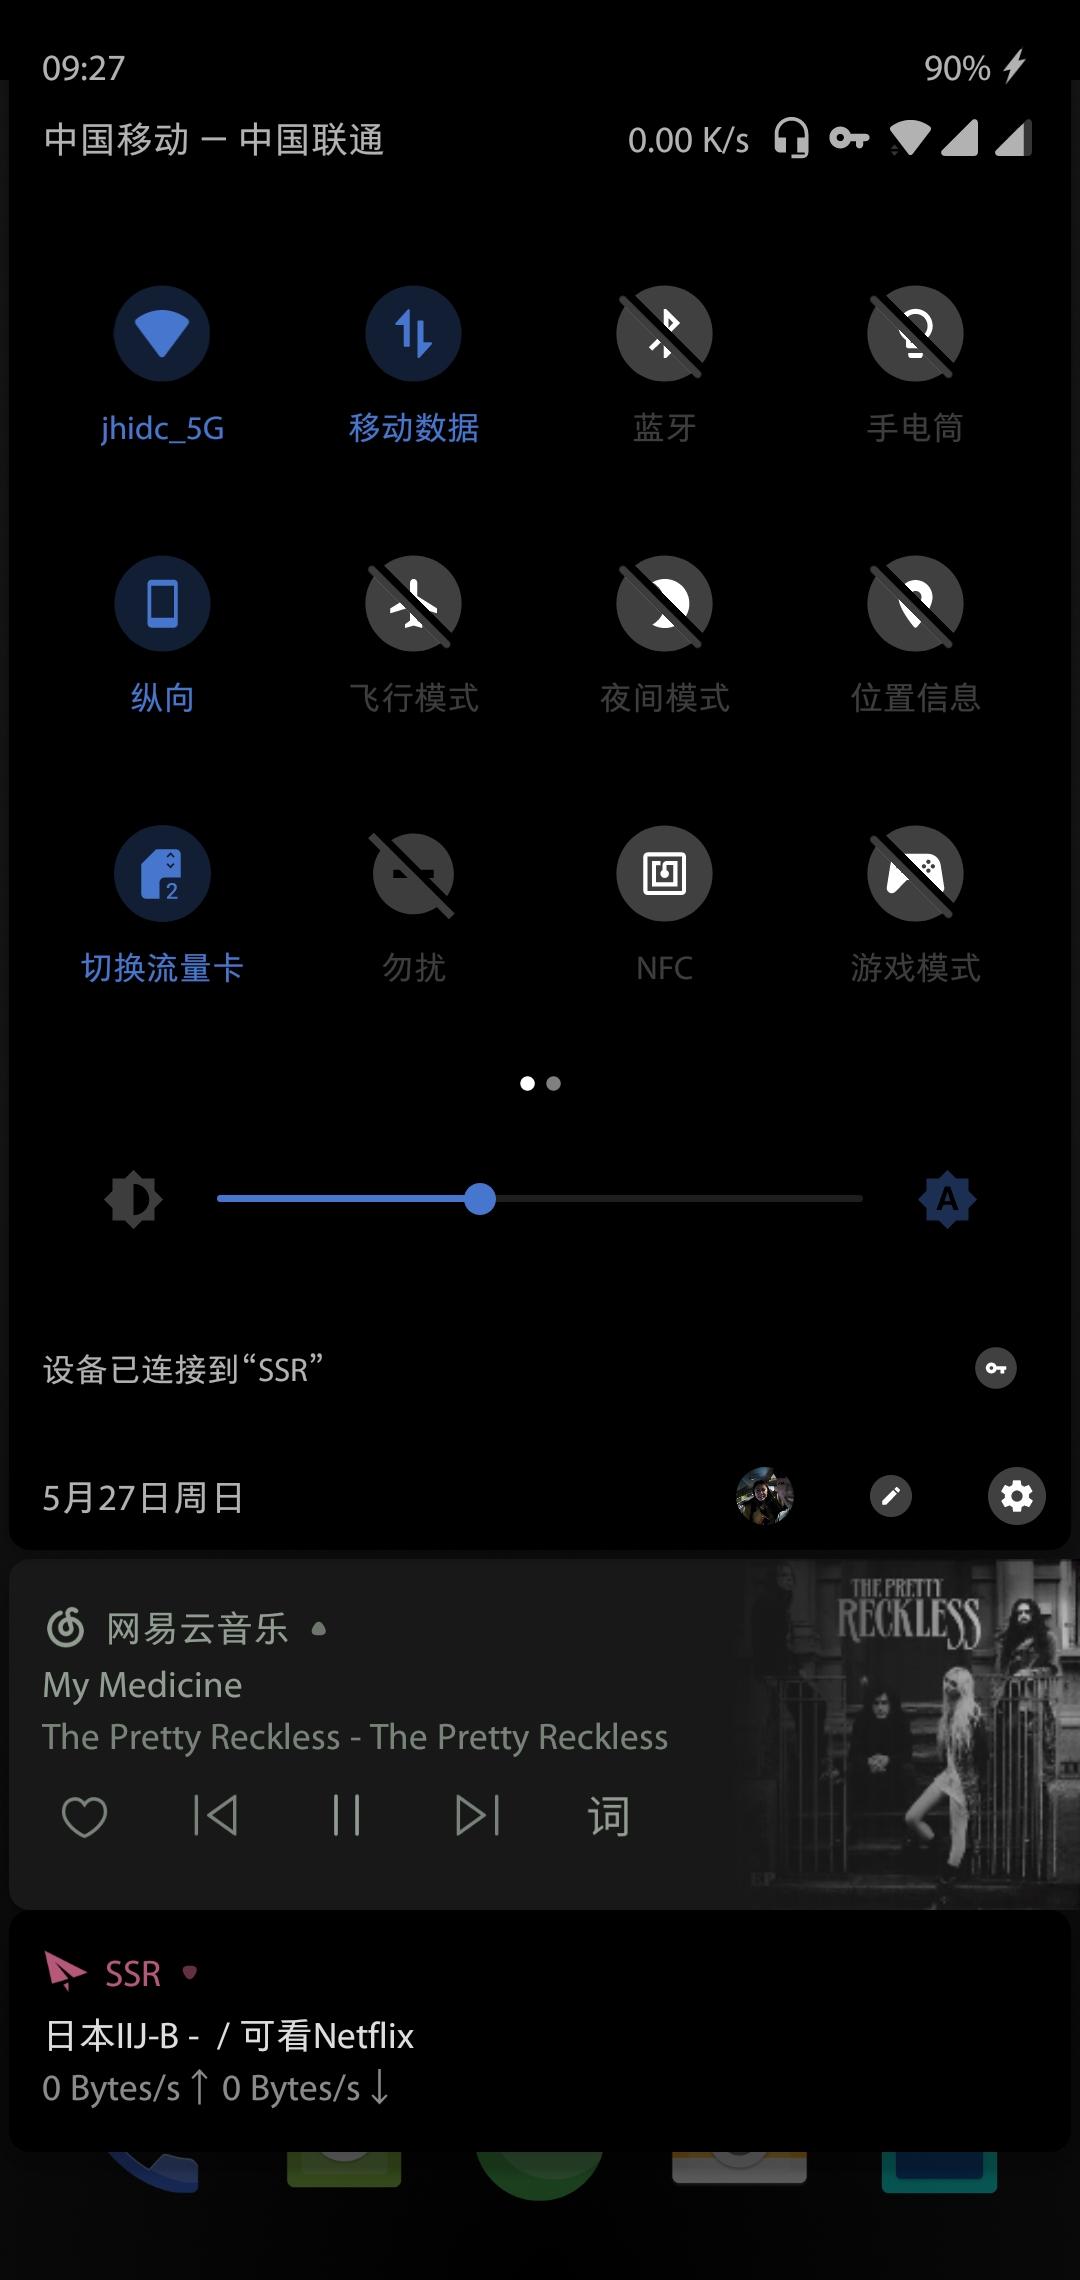 Screenshot_20180527-092742.jpg